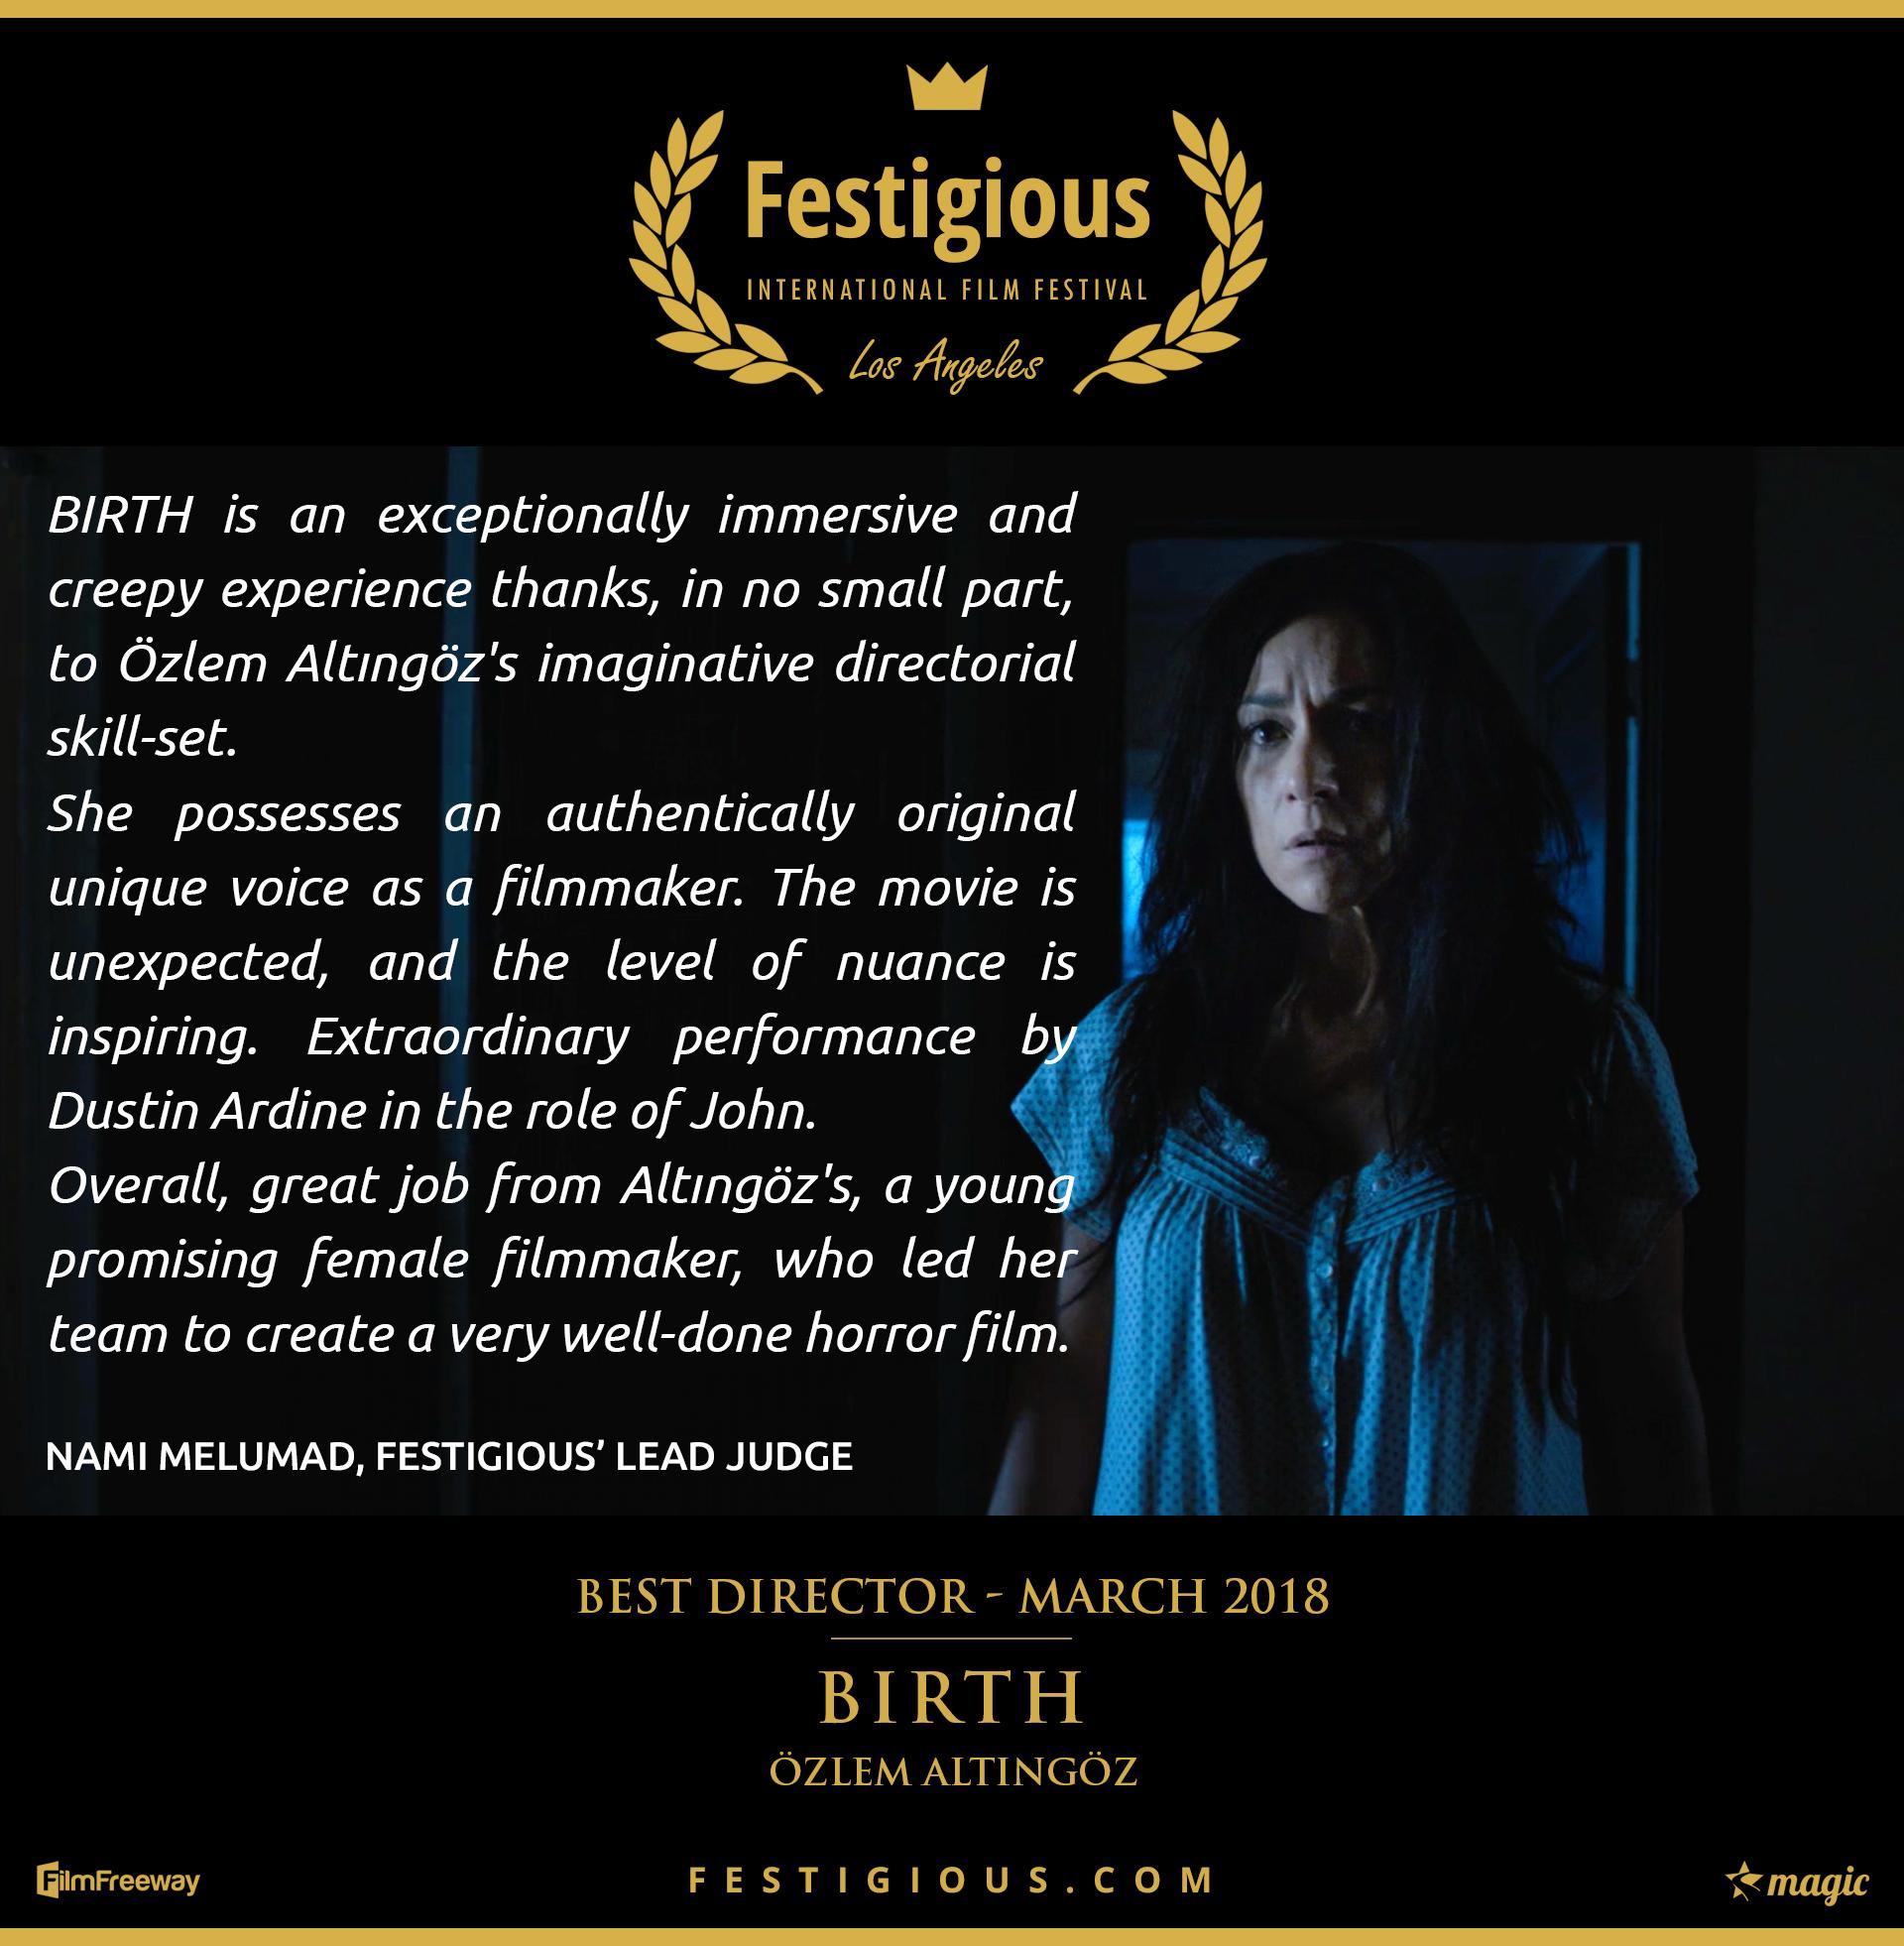 Birth - Best Director